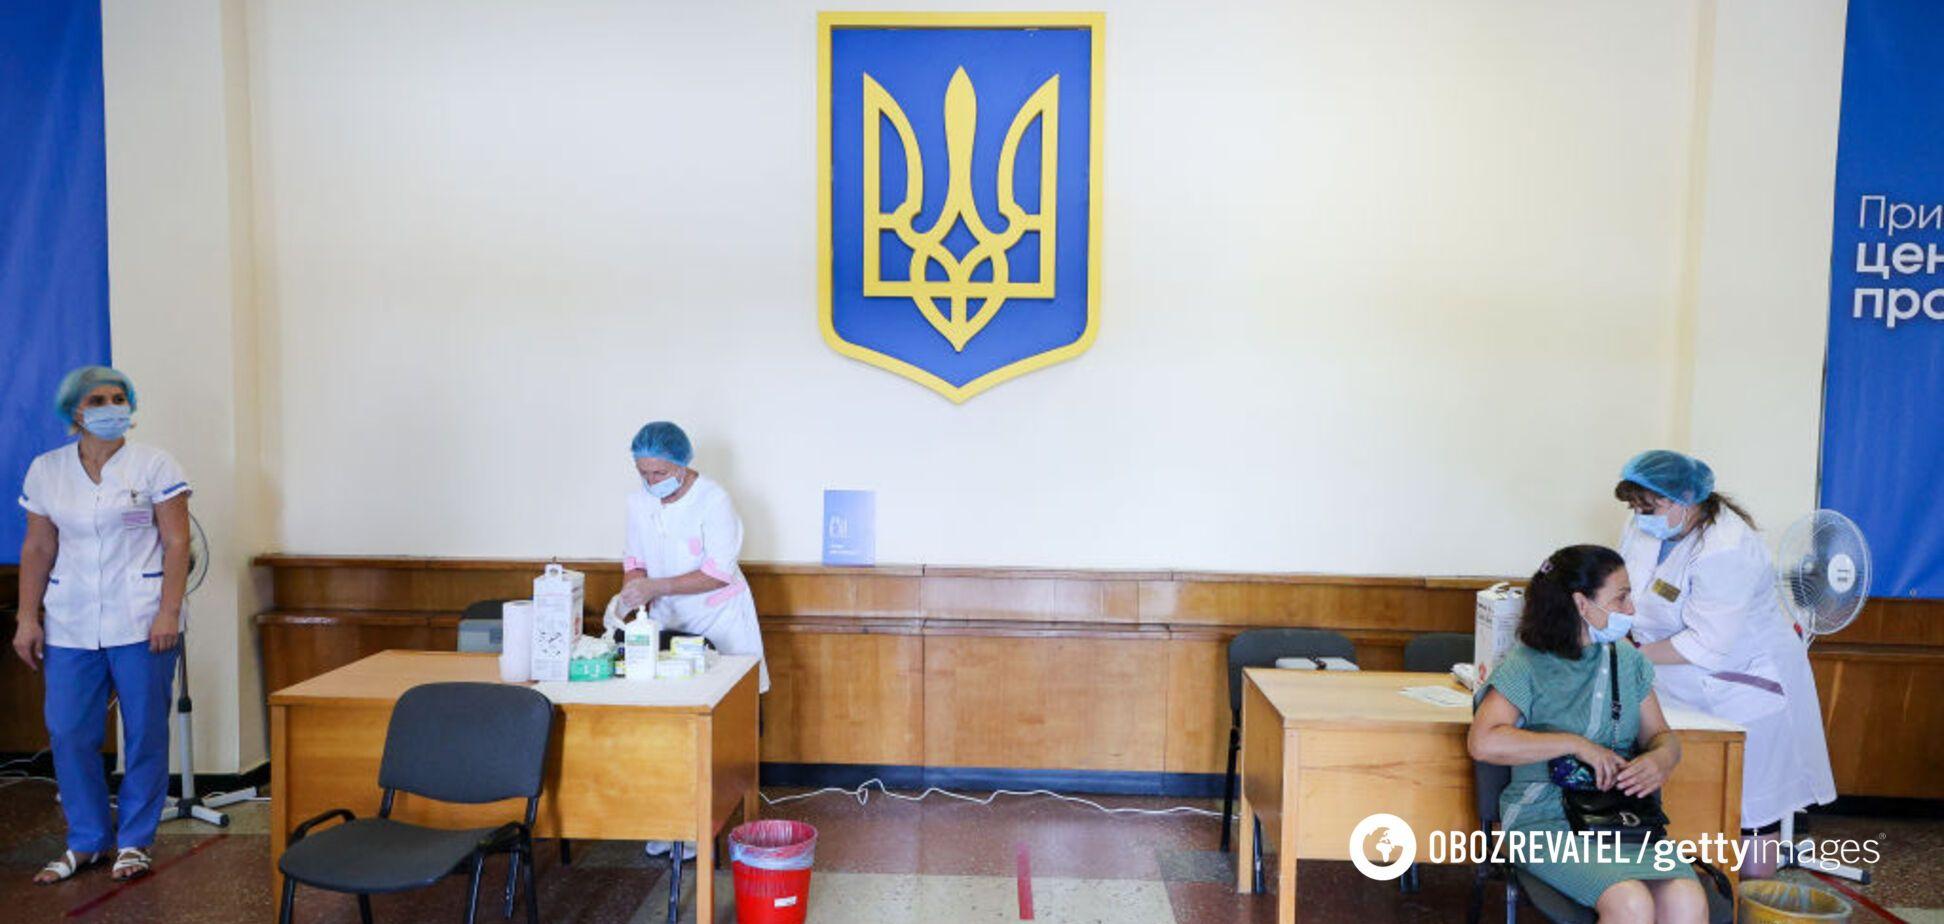 В Україні зробили рекордну кількість щеплень від COVID-19 за добу: як записатися на вакцинацію